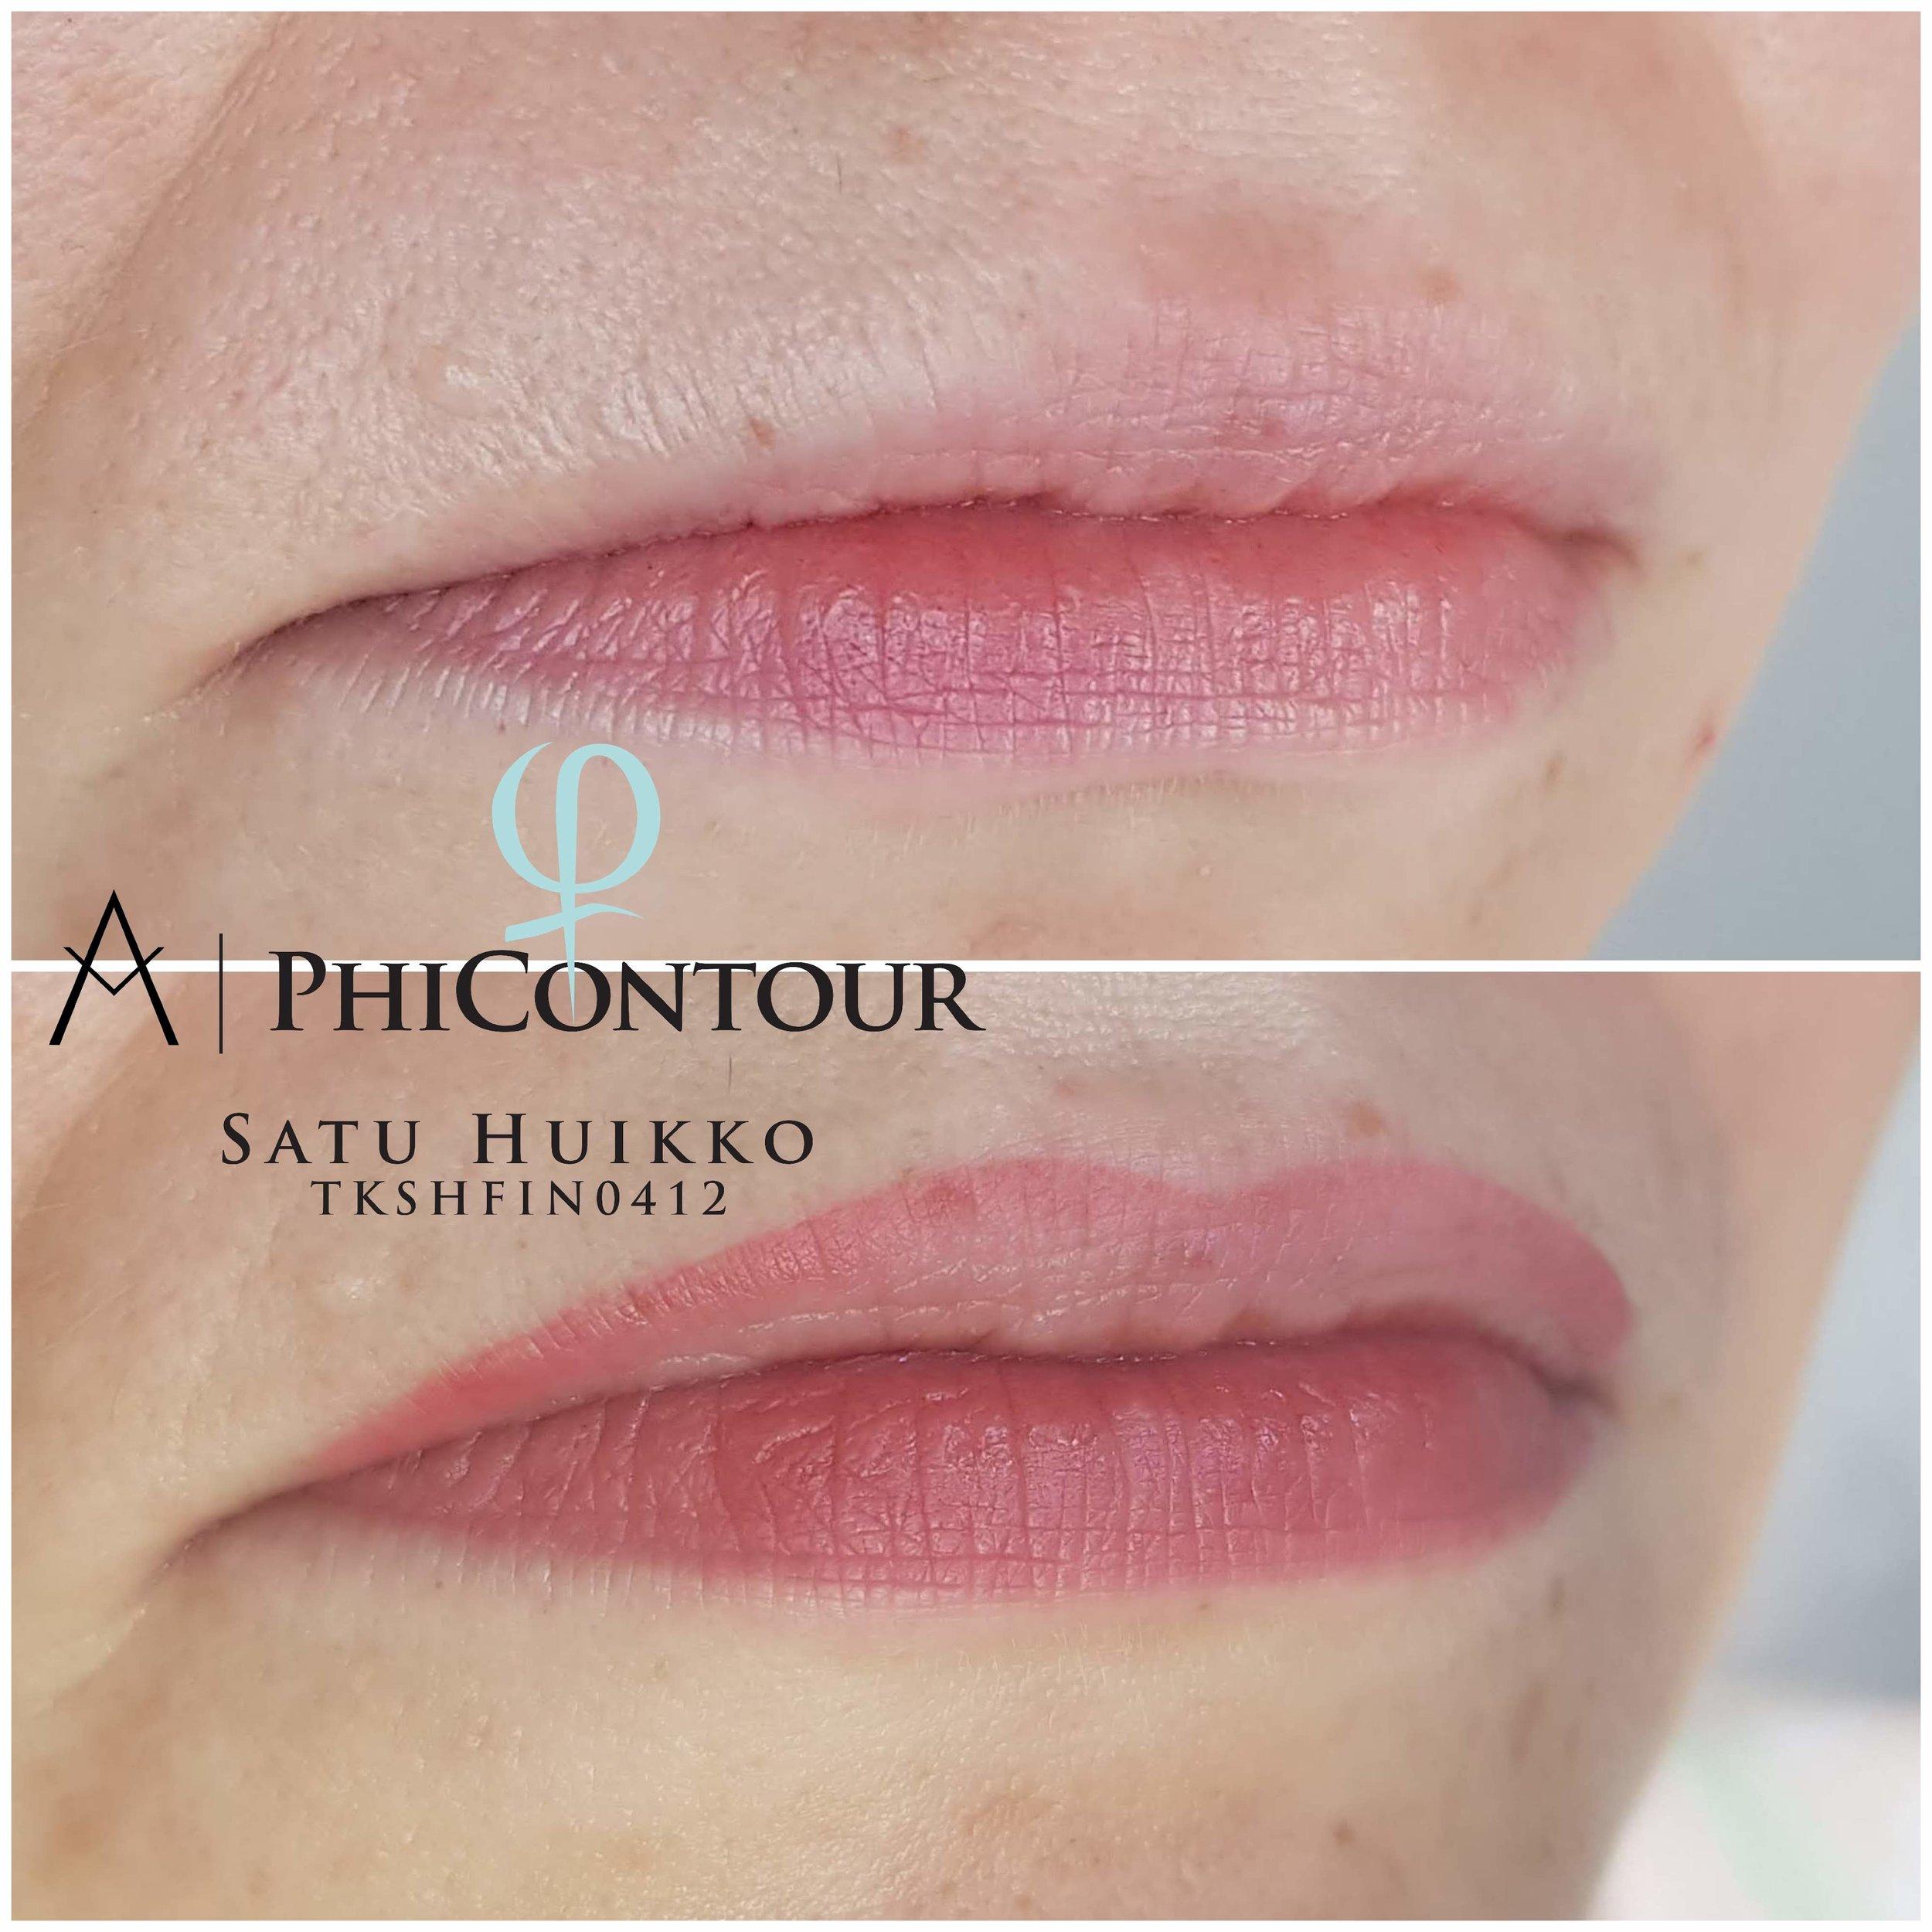 Huulten pigmentointi ombre -tekniikalla. Parantunut työ ennen jälkipigmentointia. Väri valittiin mahdollisimman lähelle alahuulen väriä, jotta luonnollisia värieroja pystyttiin tasoittamaan. Häivytystä lisättiin vielä kohti huulen sisäosaa jälkipigmentoinnissa.